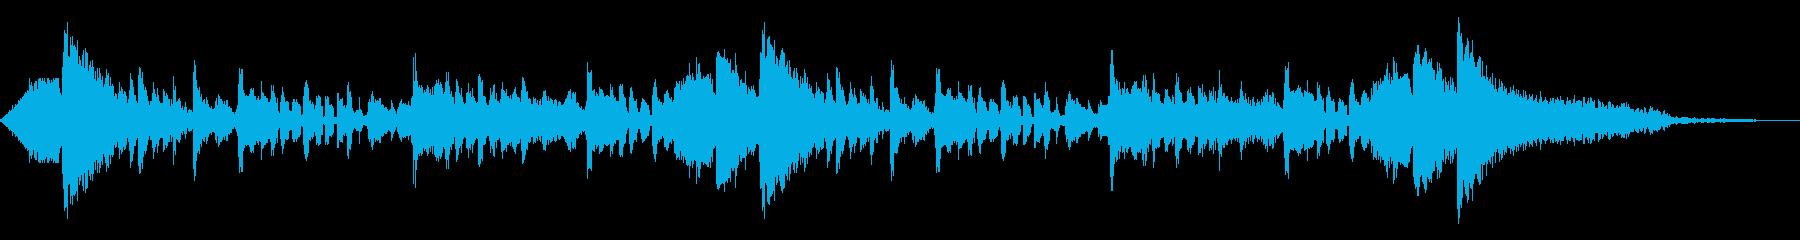 ダイアルゲーターの再生済みの波形